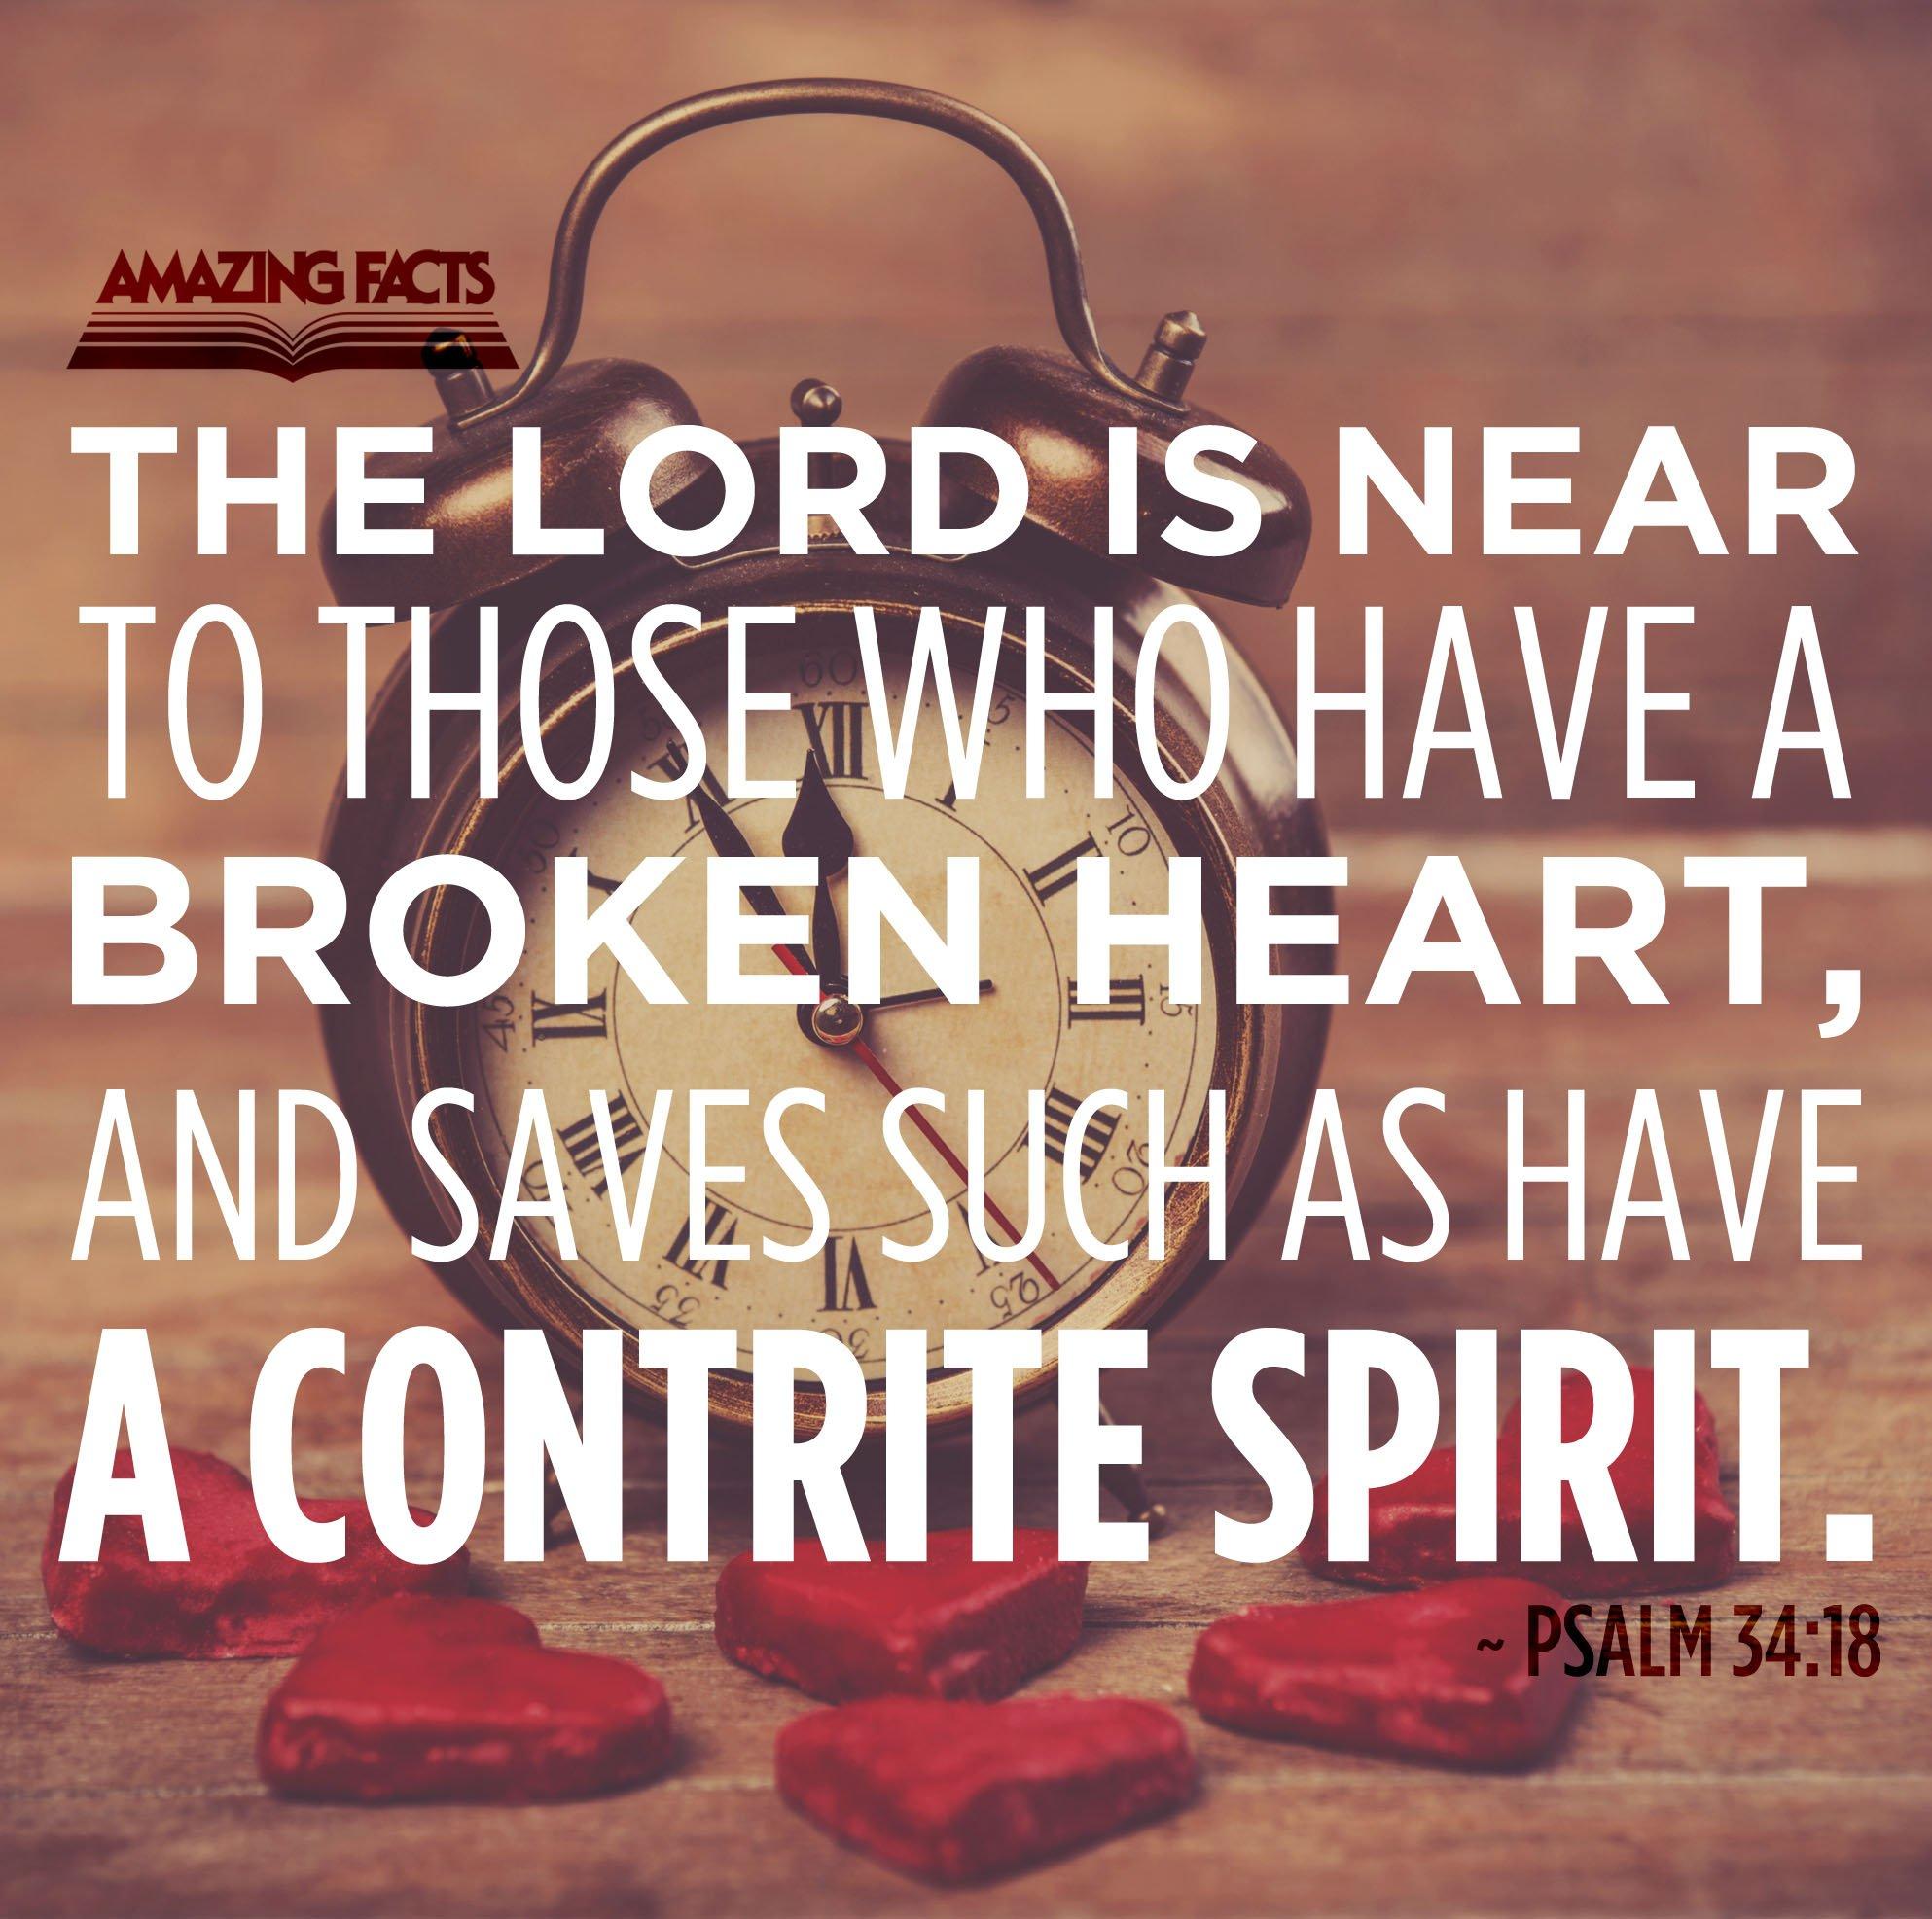 He is Near! Today's #ScripturePicture https://t.co/9TeCKKrKHN